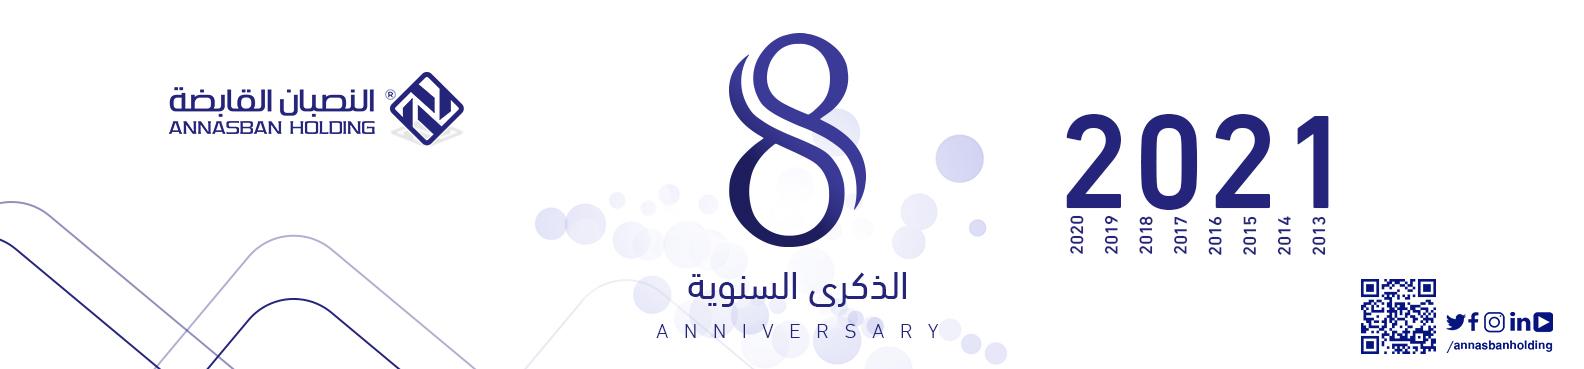 النصبان القابضة تحتفل بمرور الذكرى الثامنة على تأسيسها